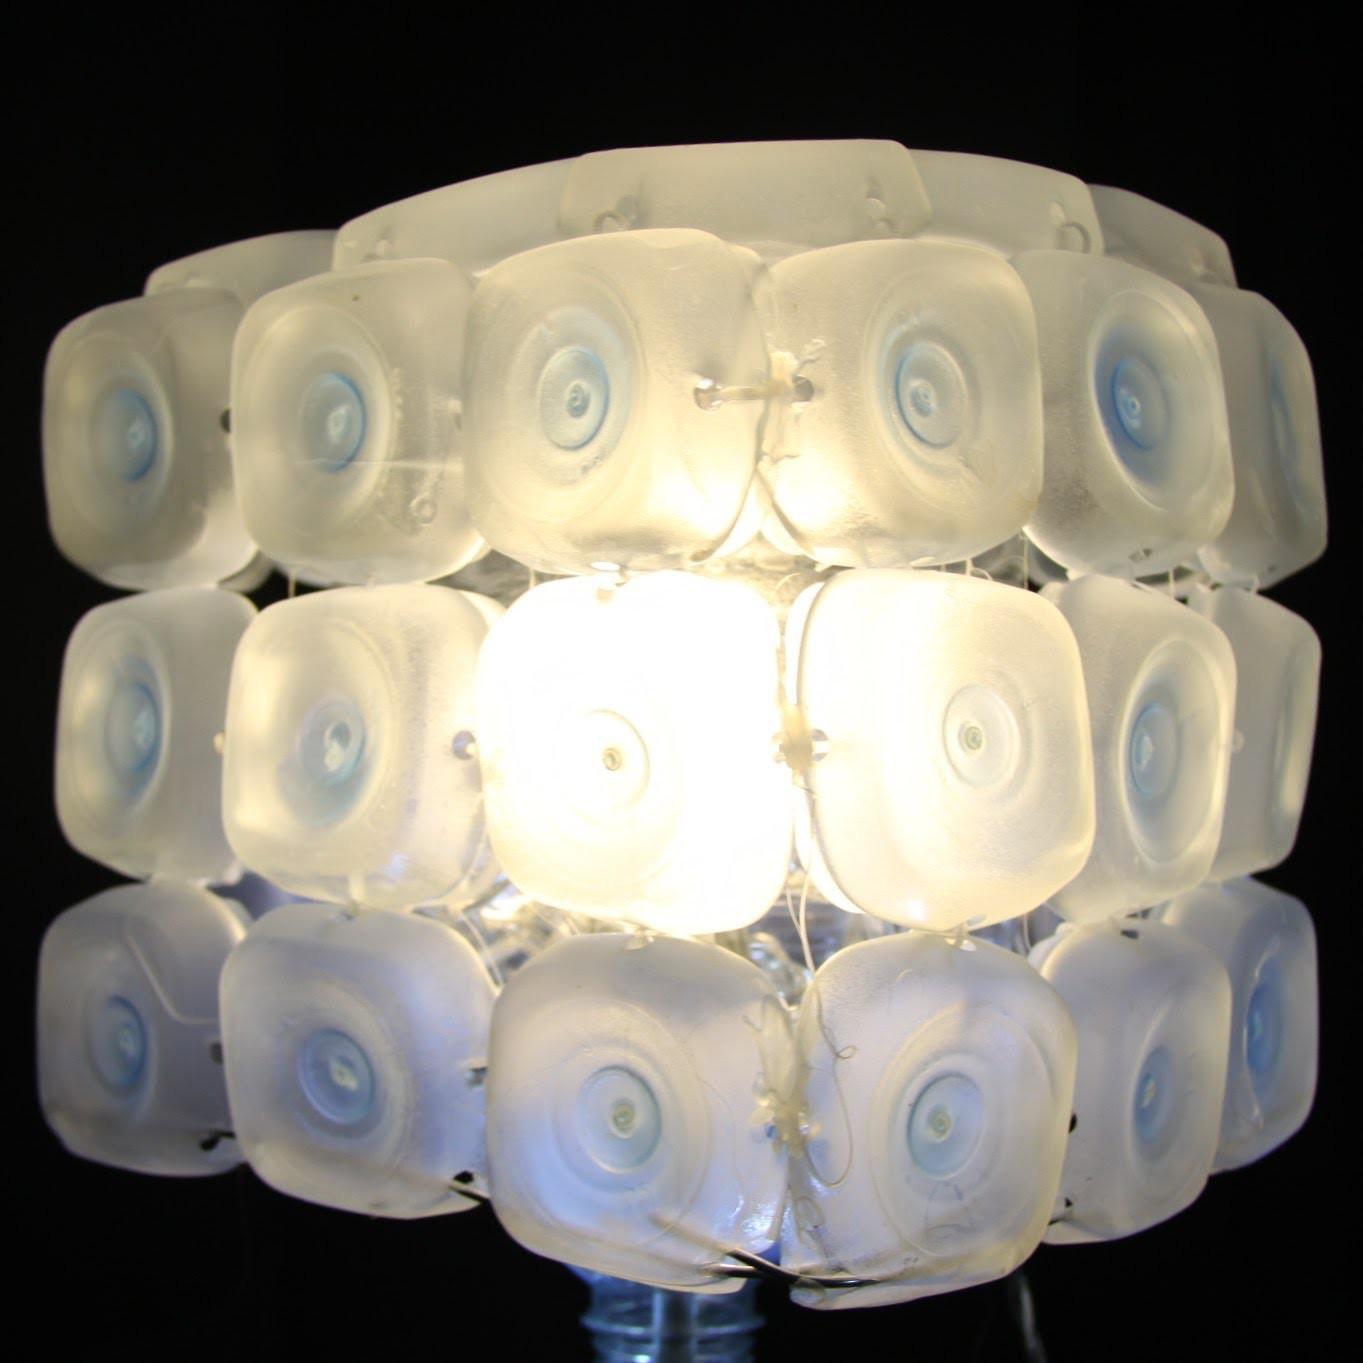 Cómo realizar una lámpara con 45 botellas de plástico - Lamp made out of 45 recycled plastic bottles